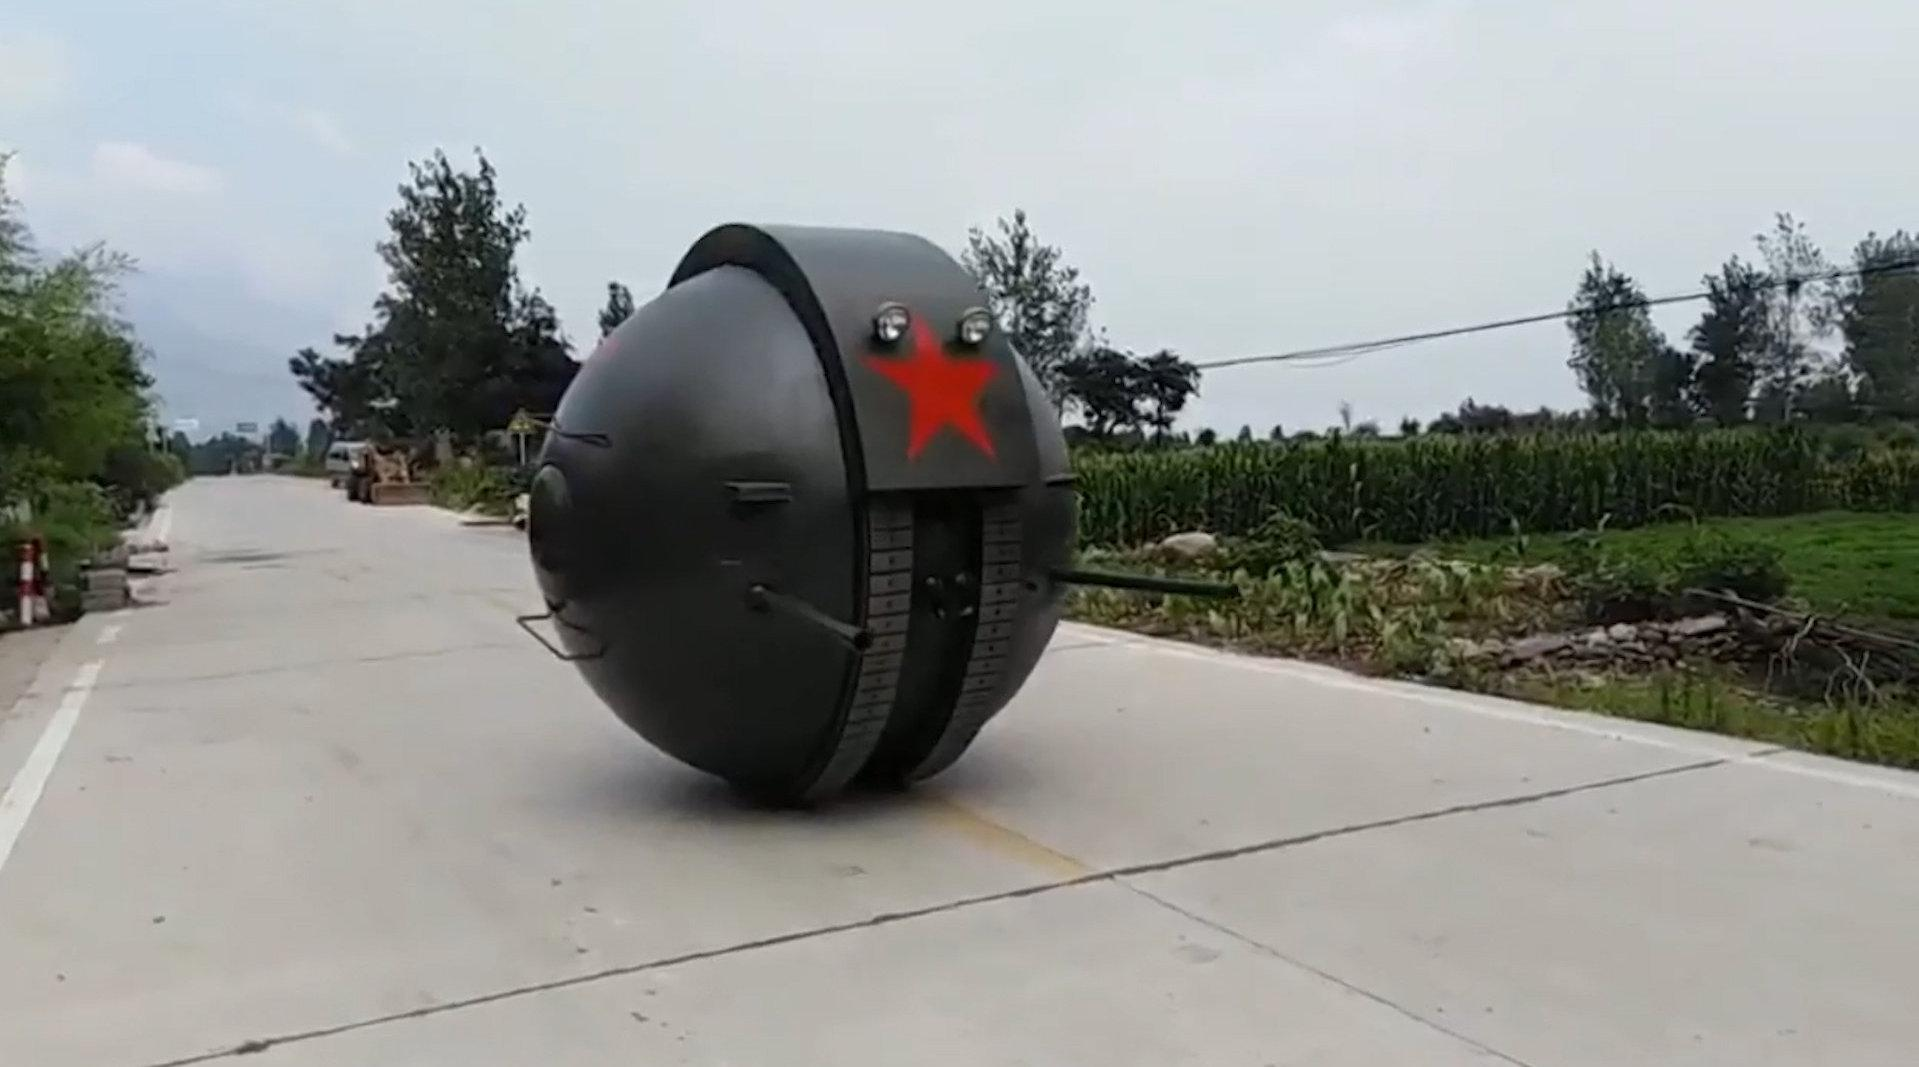 """河南一厂家复原苏联""""球形坦克"""":可搭载3人,造价20万"""